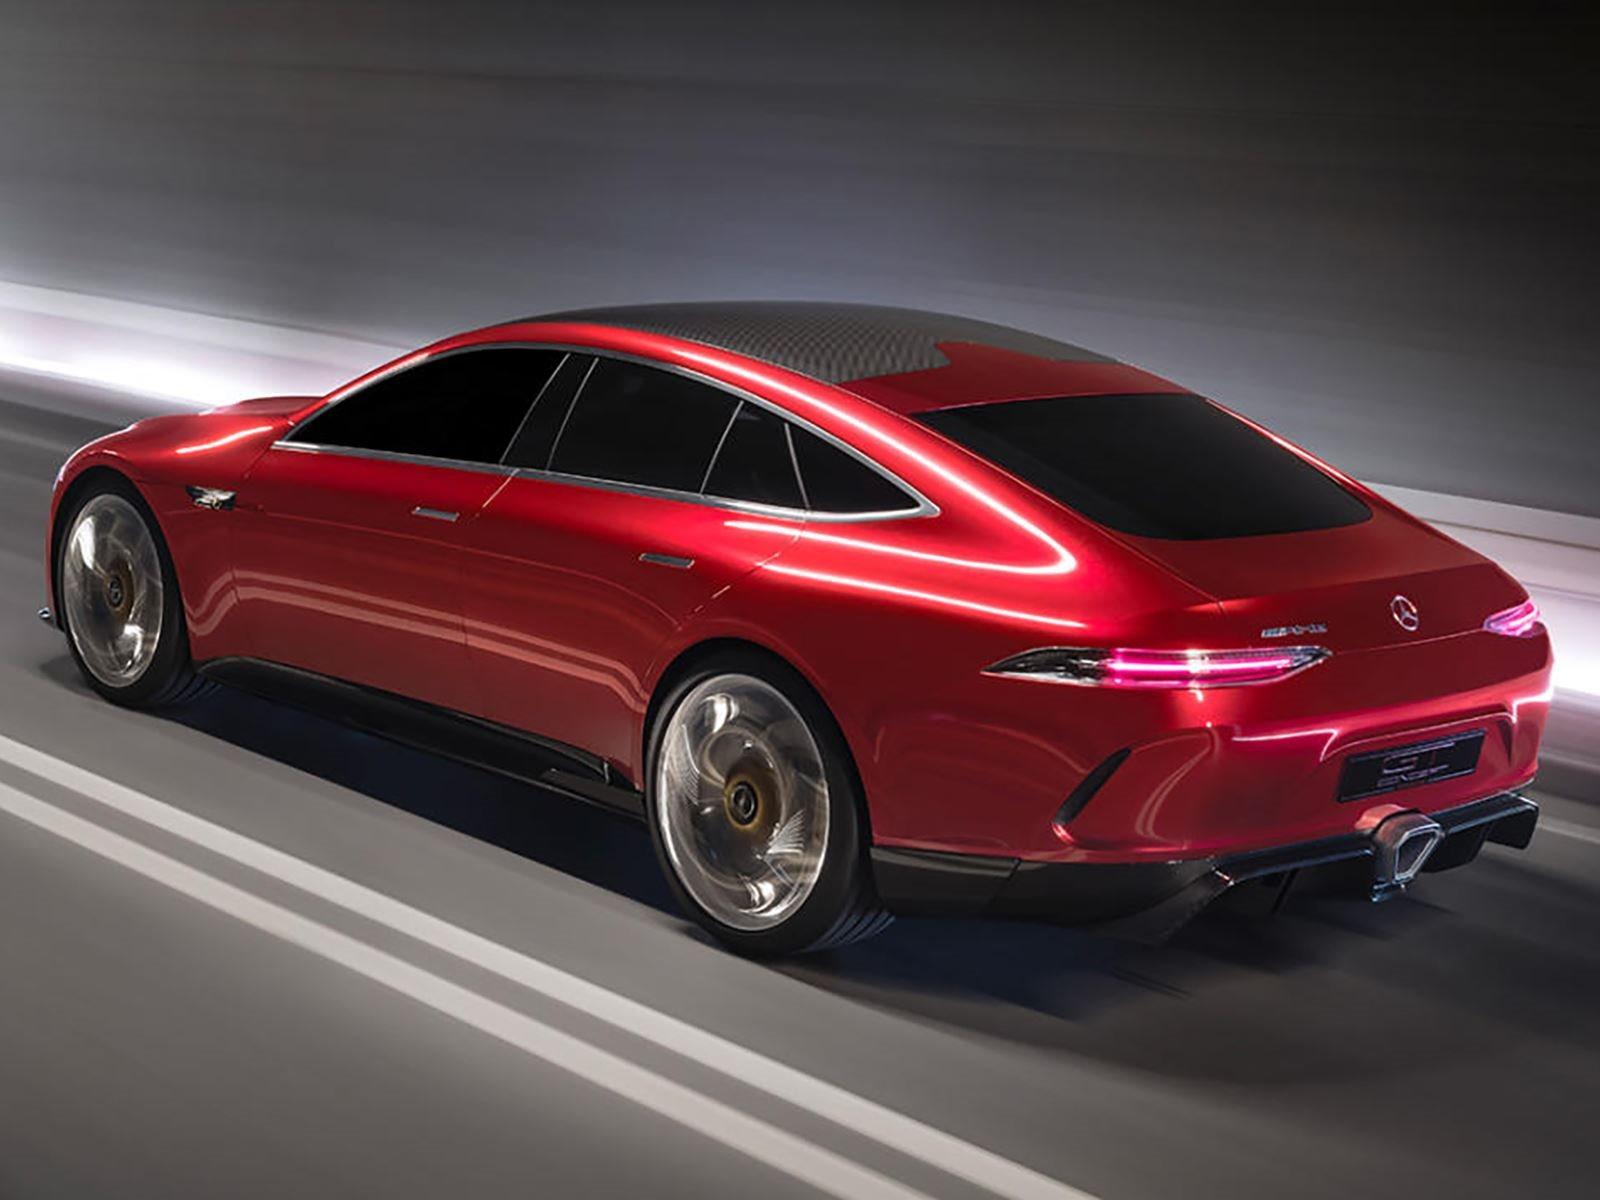 Помимо гибридных систем и полностью электрических автомобилей, AMG также планирует разрабатывать электрические турбокомпрессоры для своих бензиновых двигателей. Эта технология будет работать на флагманском гиперкаре Project One и уже применяется к вы